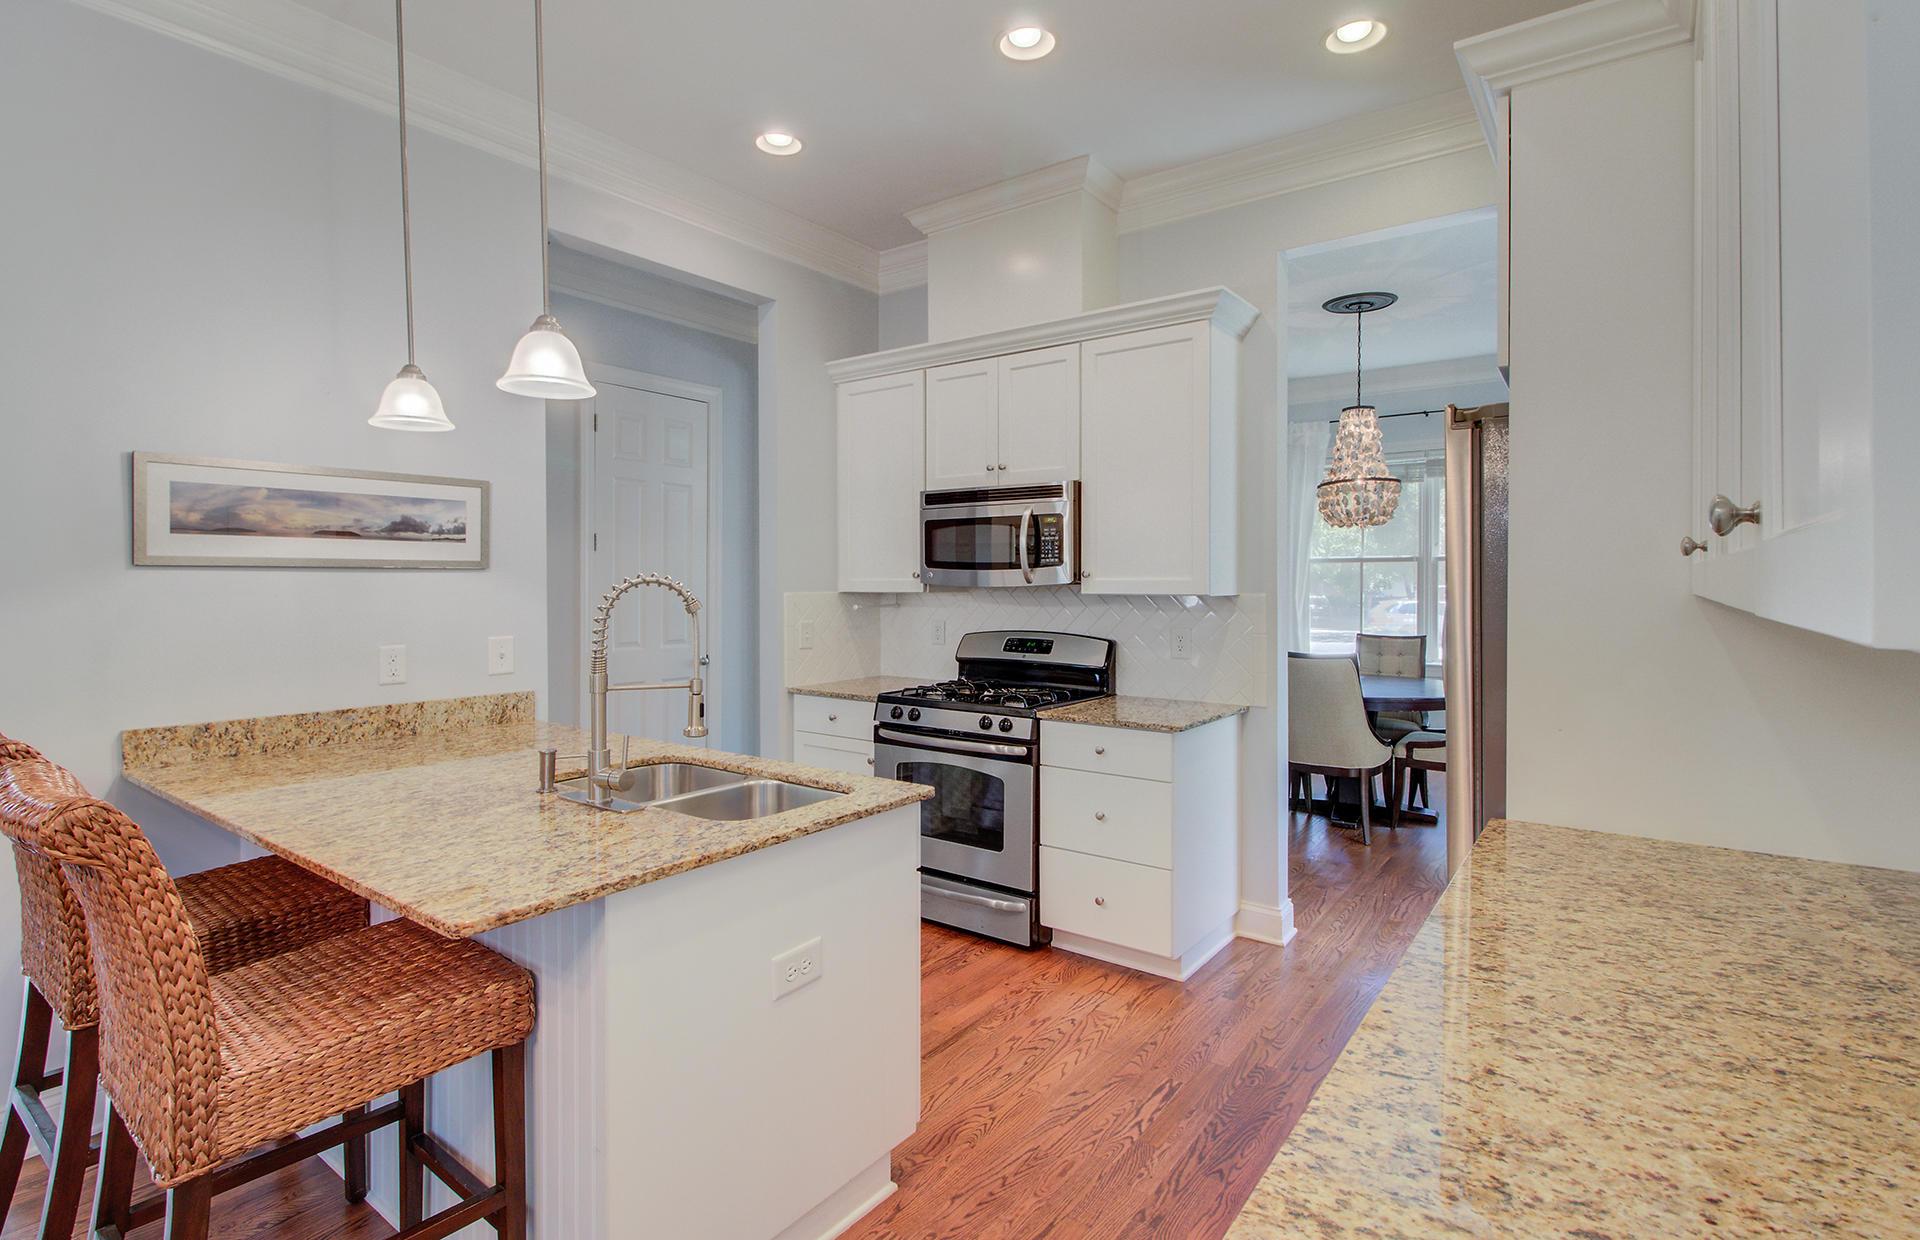 Phillips Park Homes For Sale - 1129 Phillips Park, Mount Pleasant, SC - 10